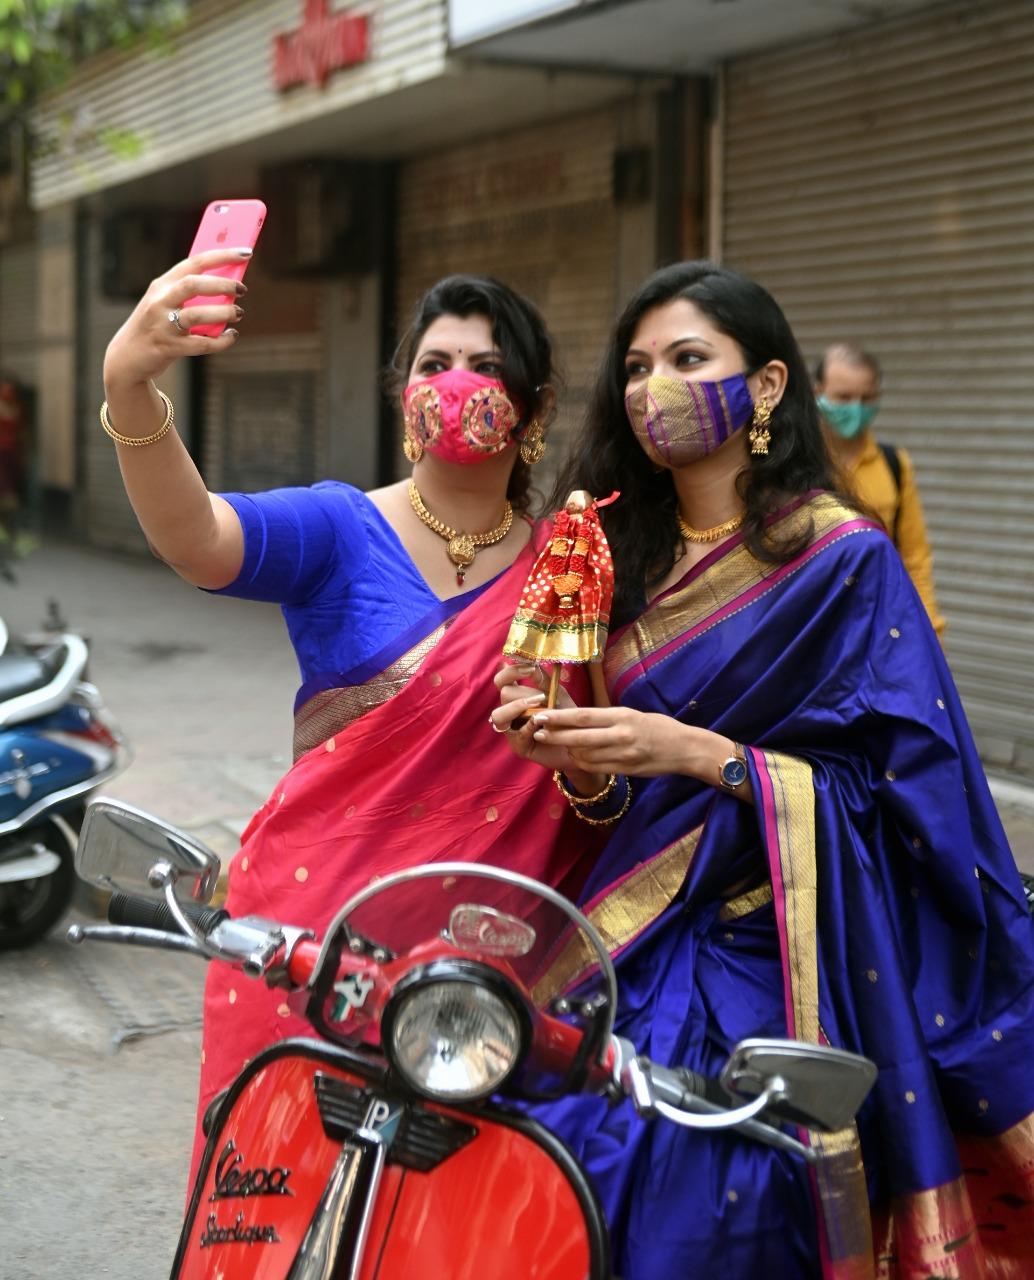 માસ્ક પહેરીને ગુડી પડવા નિમિત્તે સેલ્ફી લેતા મુંબઇકર. (તસવીર સૌજન્ય બિપિન કોકાટે)